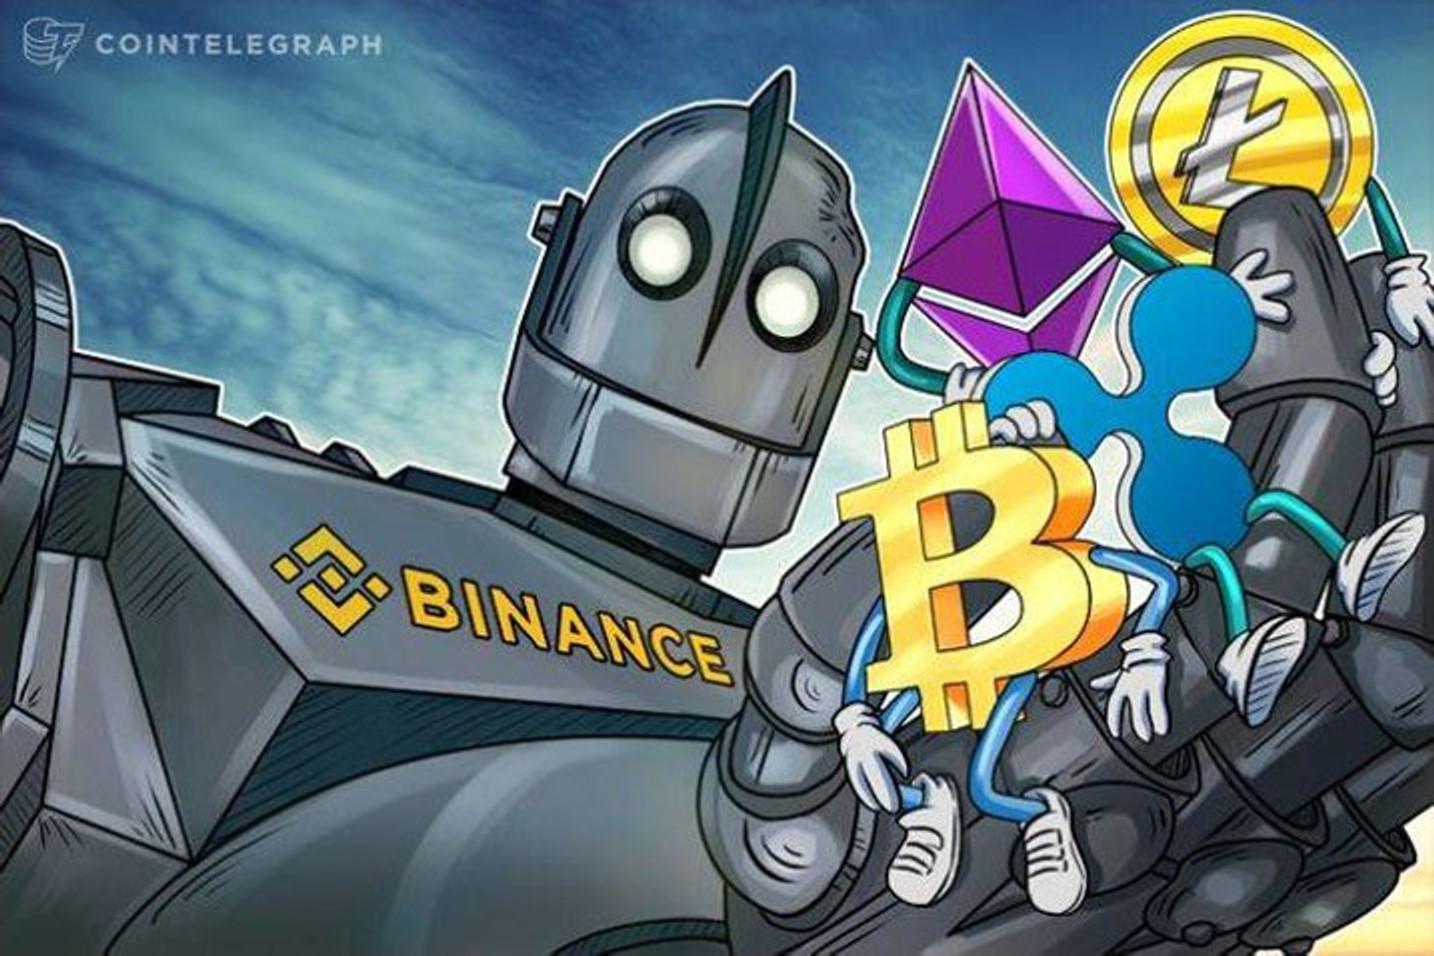 Binance anunció la incorporación de Boliviano (BOB) y Guaraníes (PYG) para la compra de criptomonedas con monedas fiat